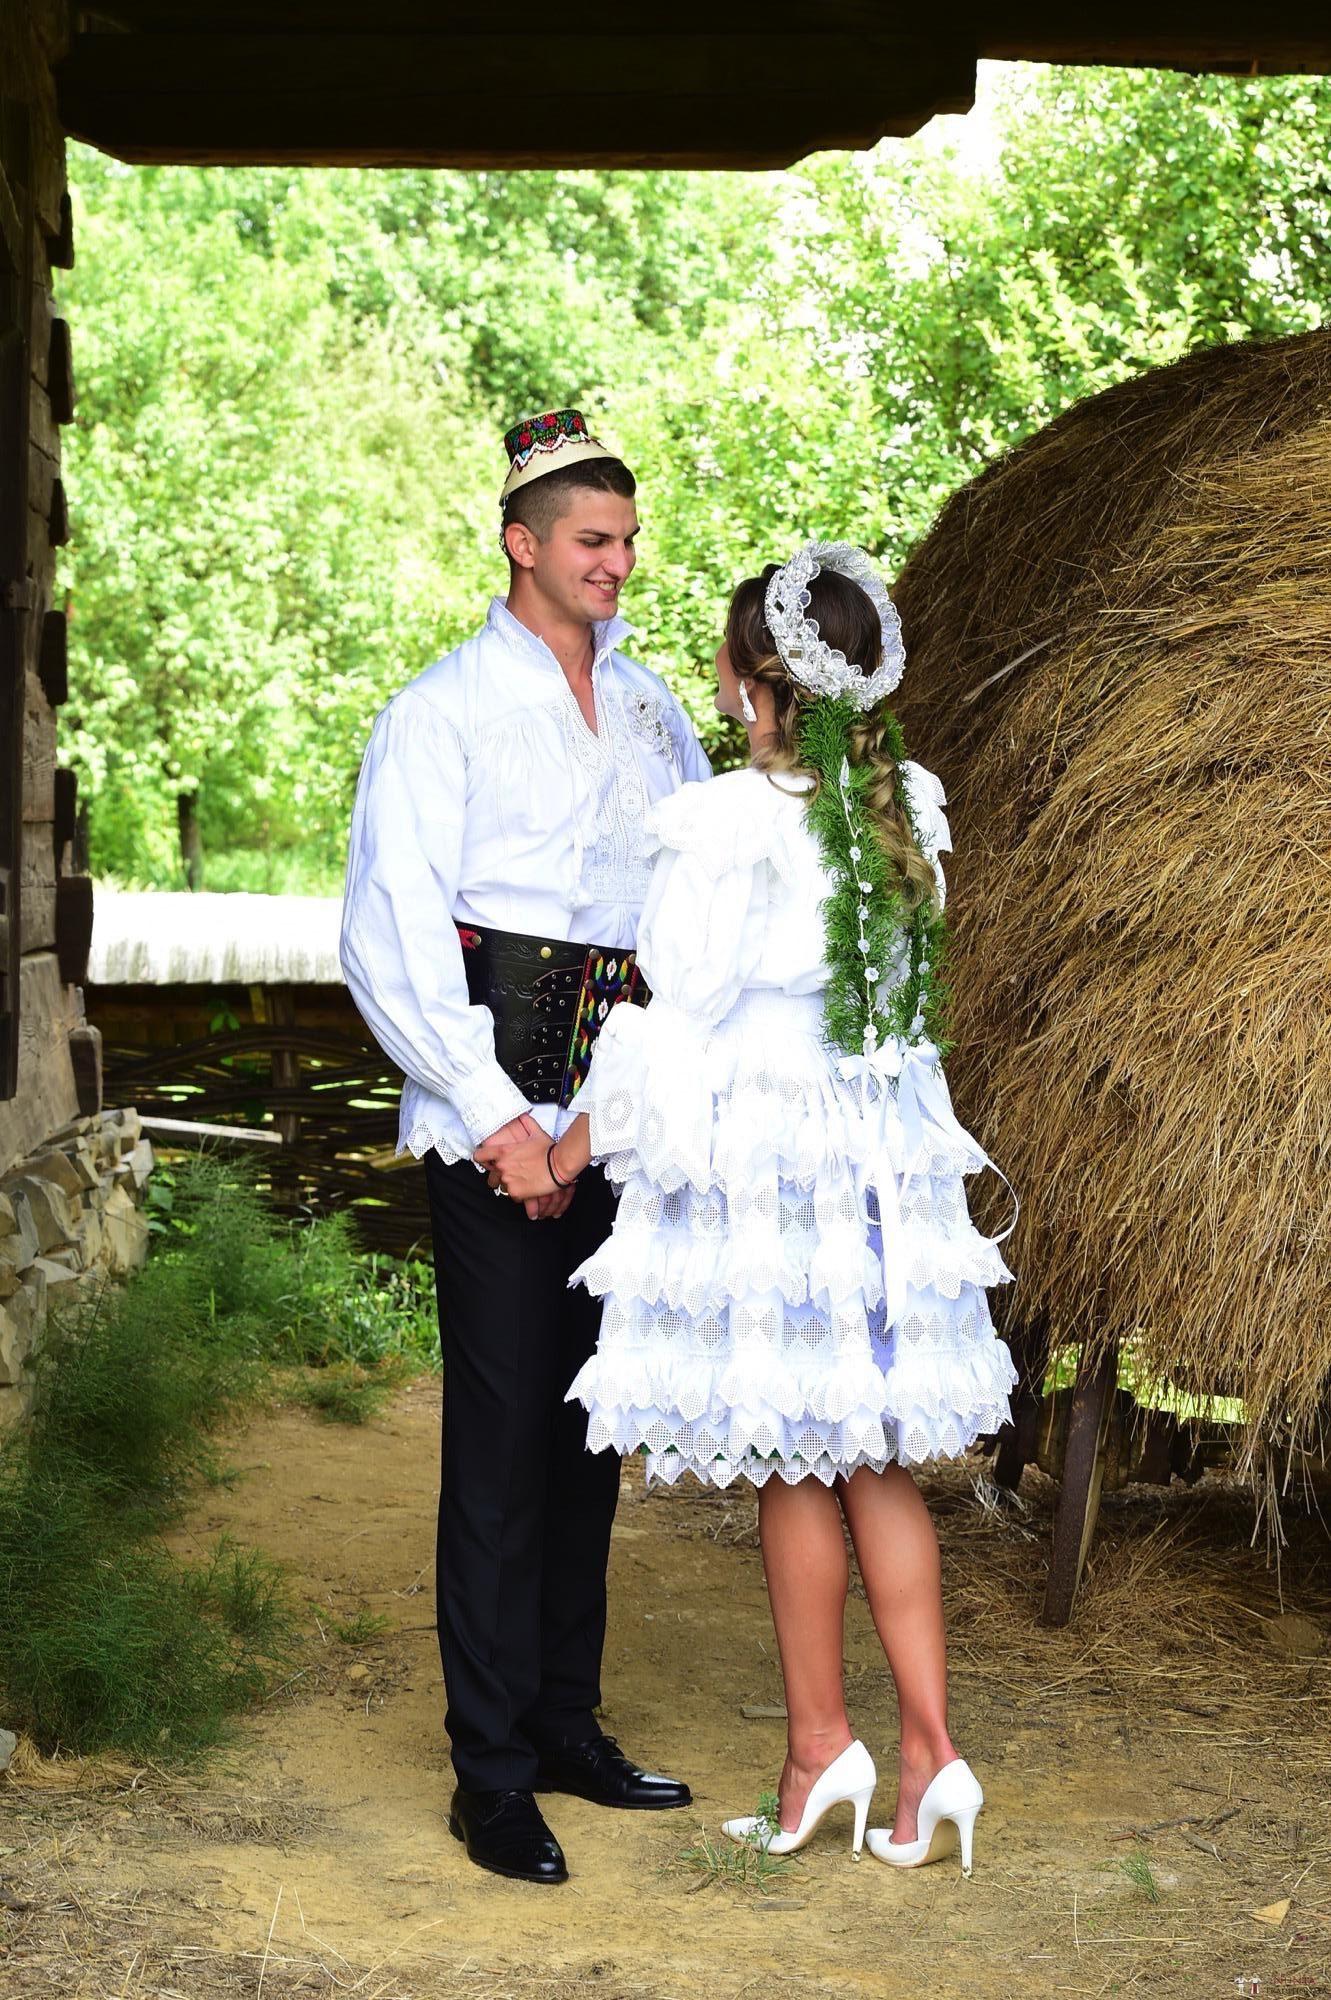 Povești Nunți Tradiționale - Florentina Vlad și Lemnean Ionuț. Cununie tradițională în Baia Mare 7